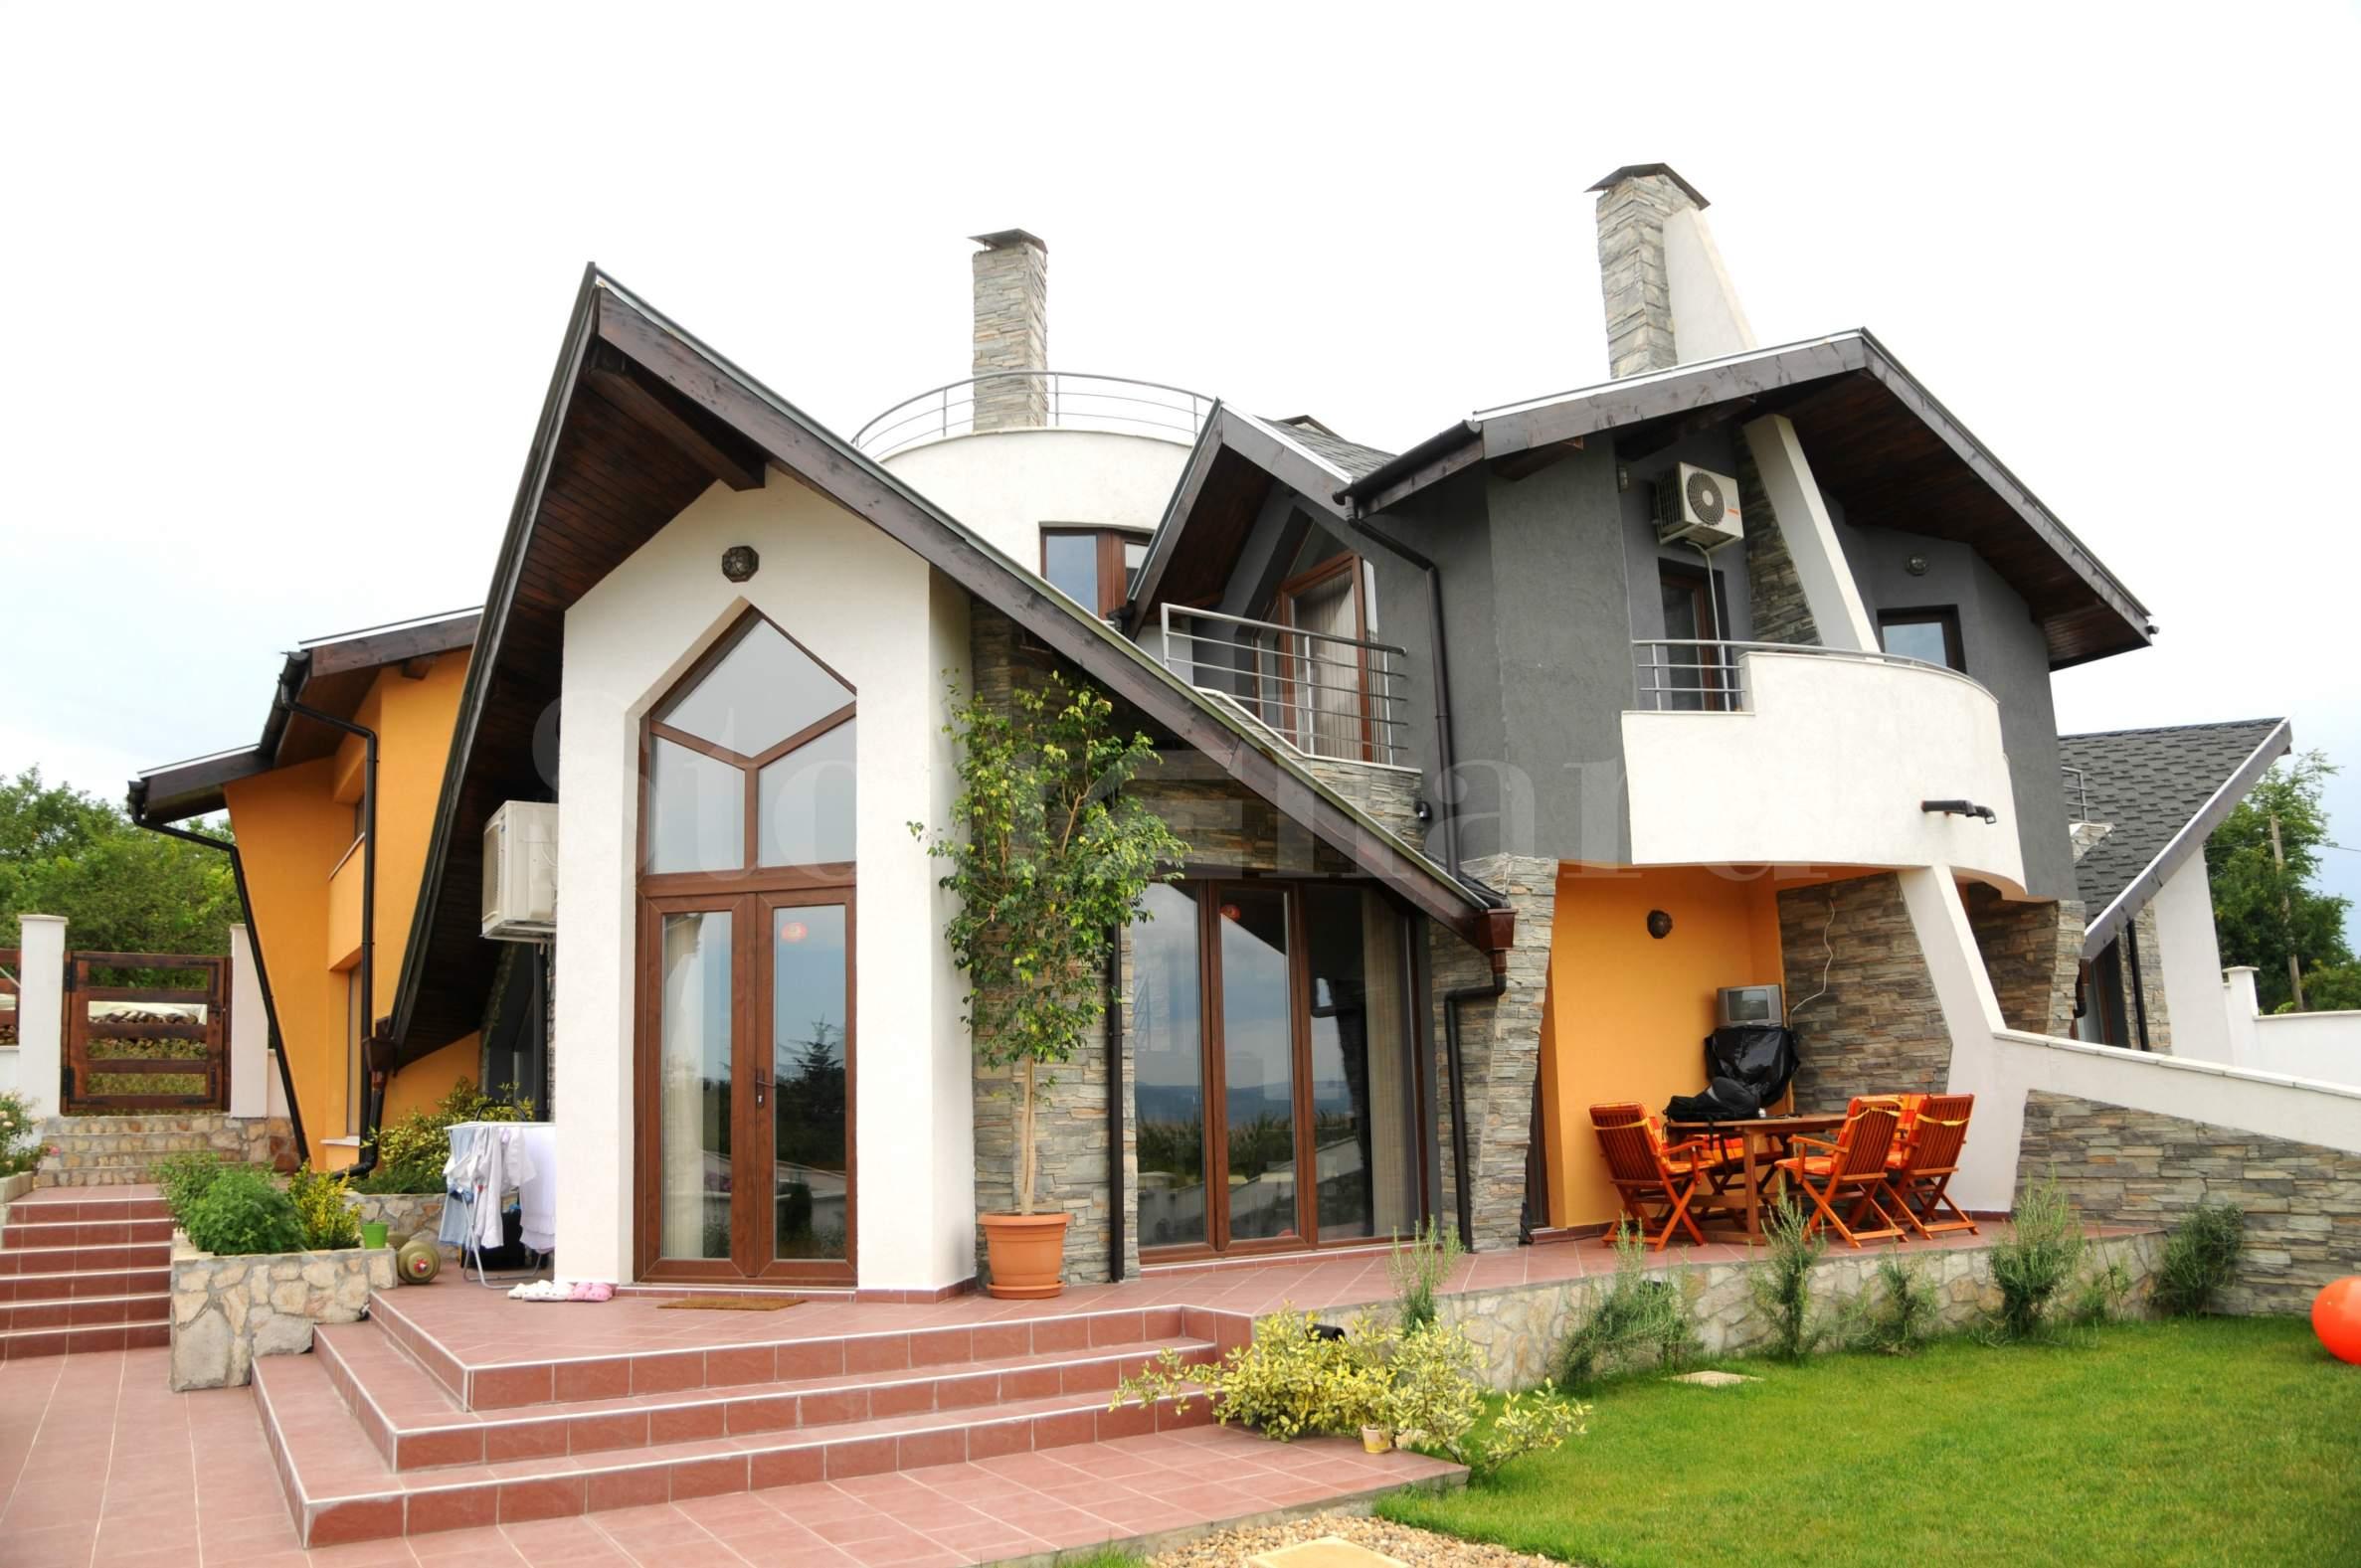 Къща за продажба до Варненското езеро1 - Stonehard